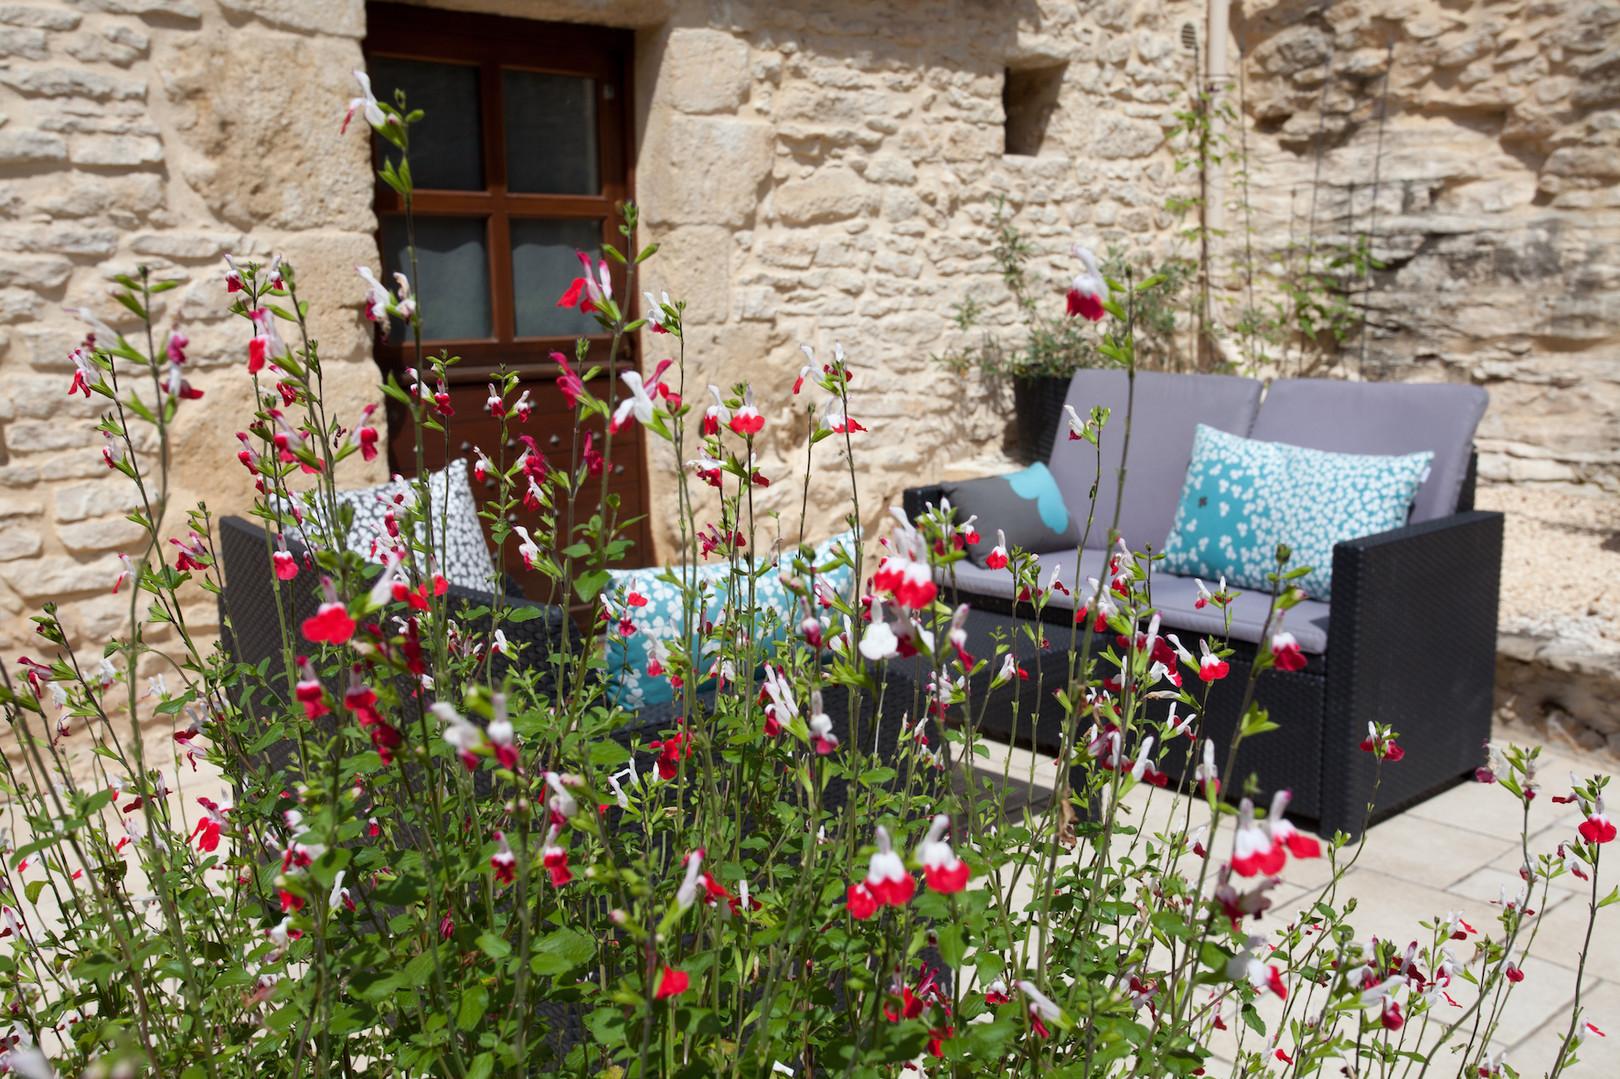 maison-hotes-de-charme-chambre-suite-terrasse-detente-la-roque-gageac-sarlat.jpg